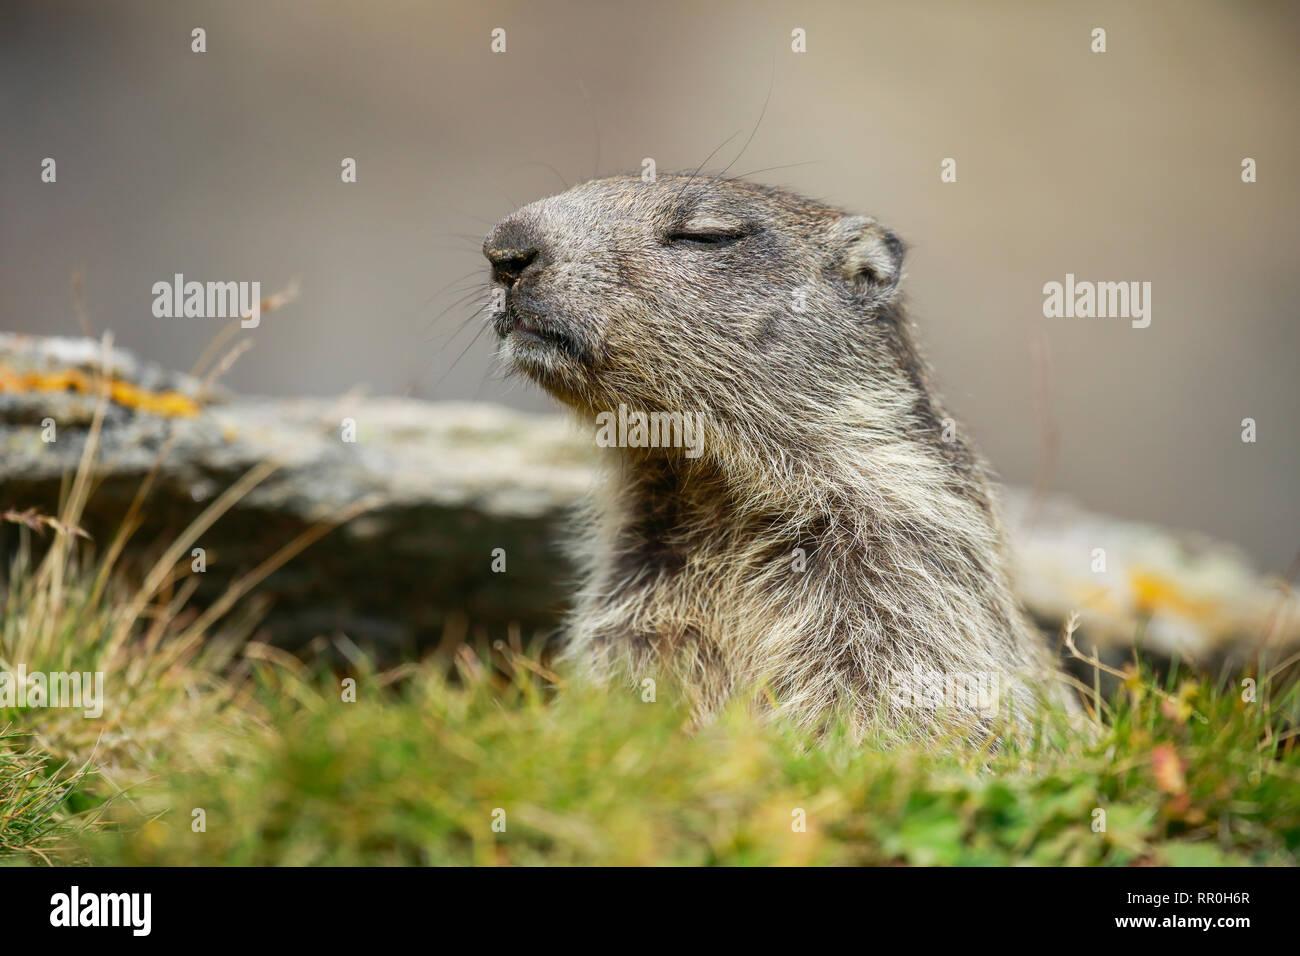 Zoologie, Säugetiere (Mammalia), alpine Murmeltier (Marmota marmota), Additional-Rights - Clearance-Info - Not-Available Stockfoto